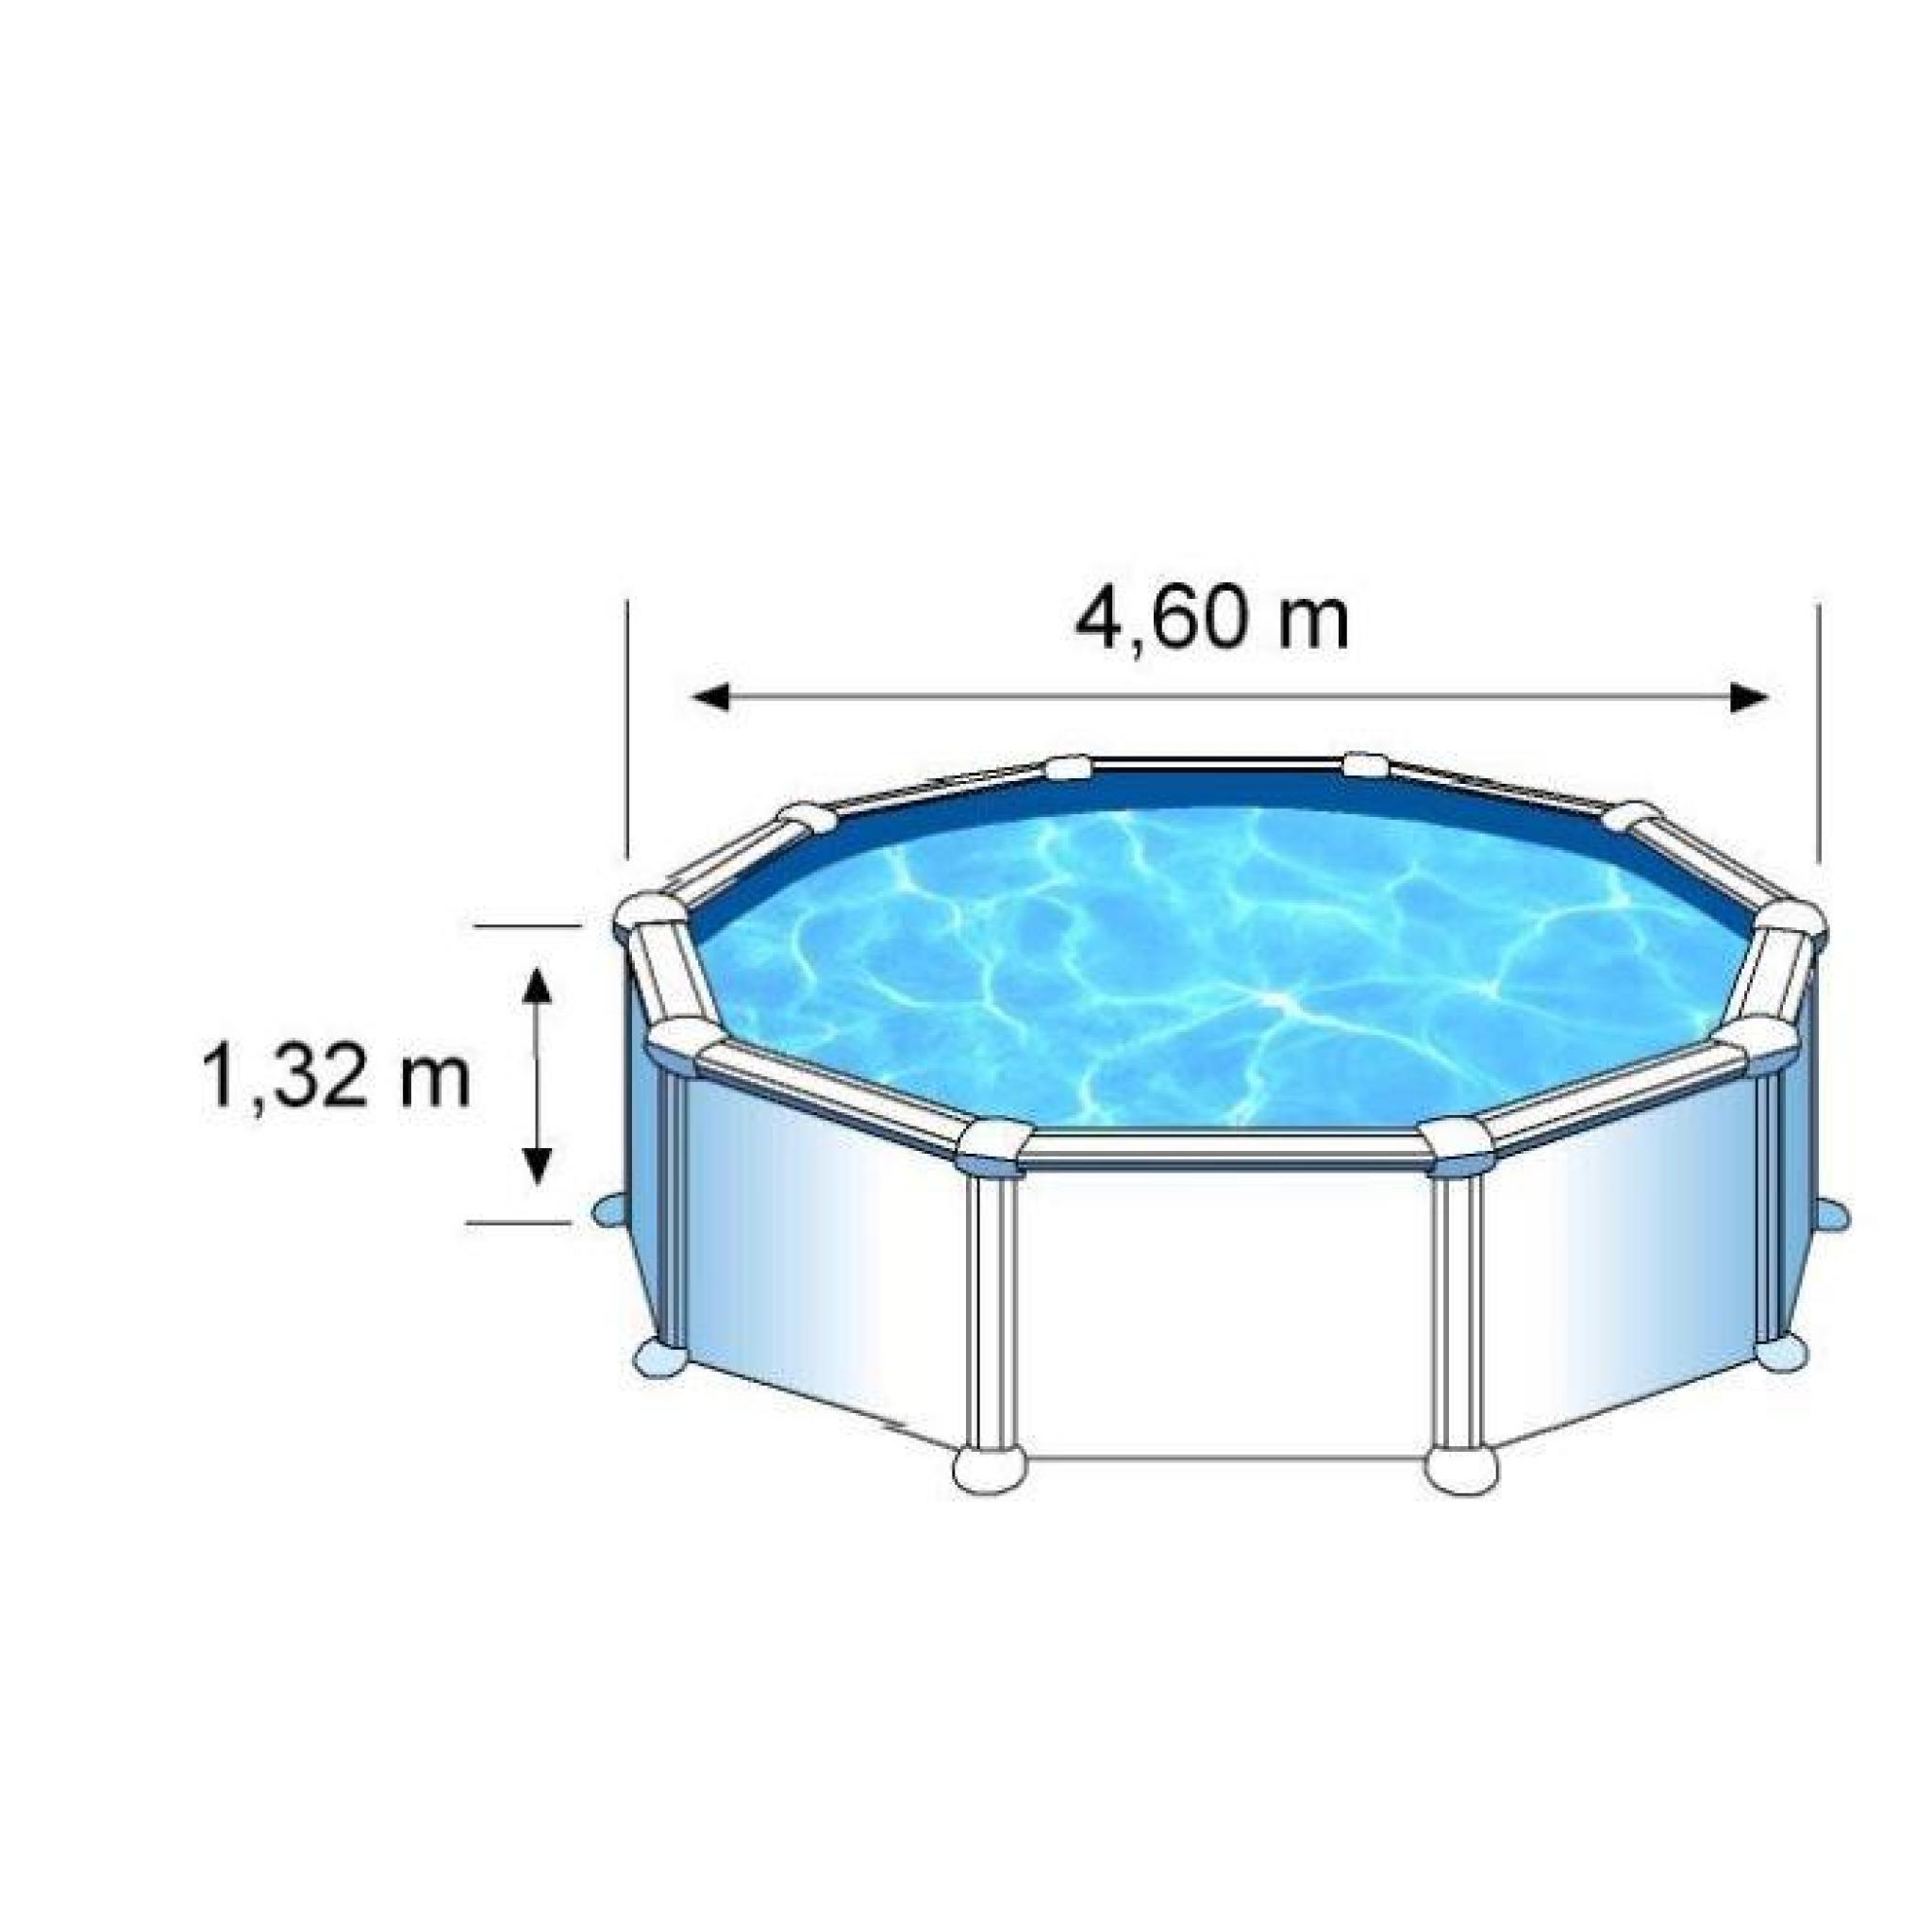 Gre piscine acier ronde 460 cm h 132 cm blanc achat - Piscine hors sol acier pas cher ...